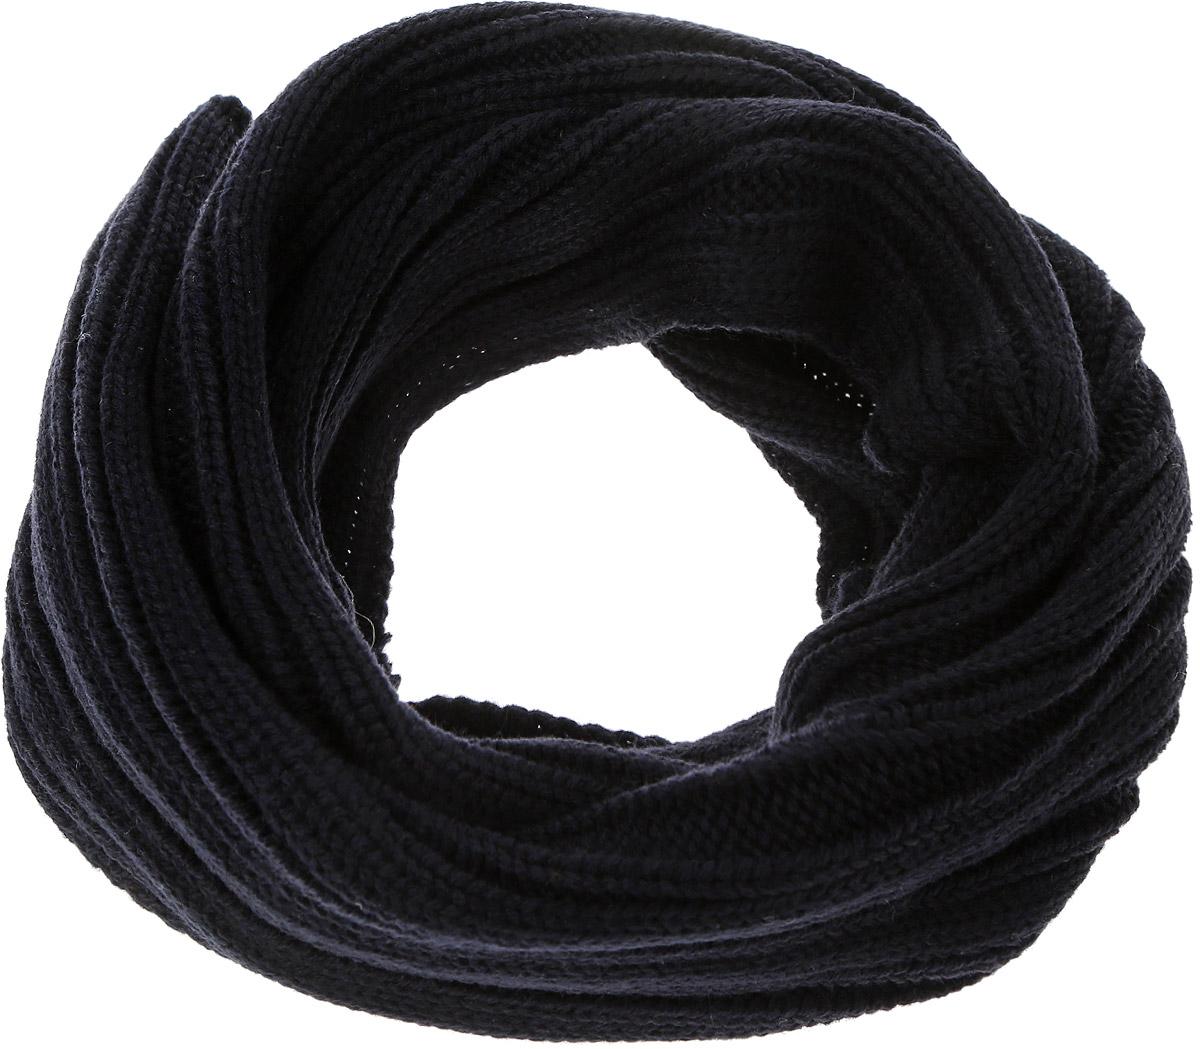 ШарфRBS7026Стильный детский шарф Elfrio идеально подойдет для прогулок в холодное время года. Модель обладает хорошими дышащими свойствами и хорошо удерживает тепло, т.к. выполнен из акриловой пряжи. Выполнен шарф в лаконичном однотонном стиле.